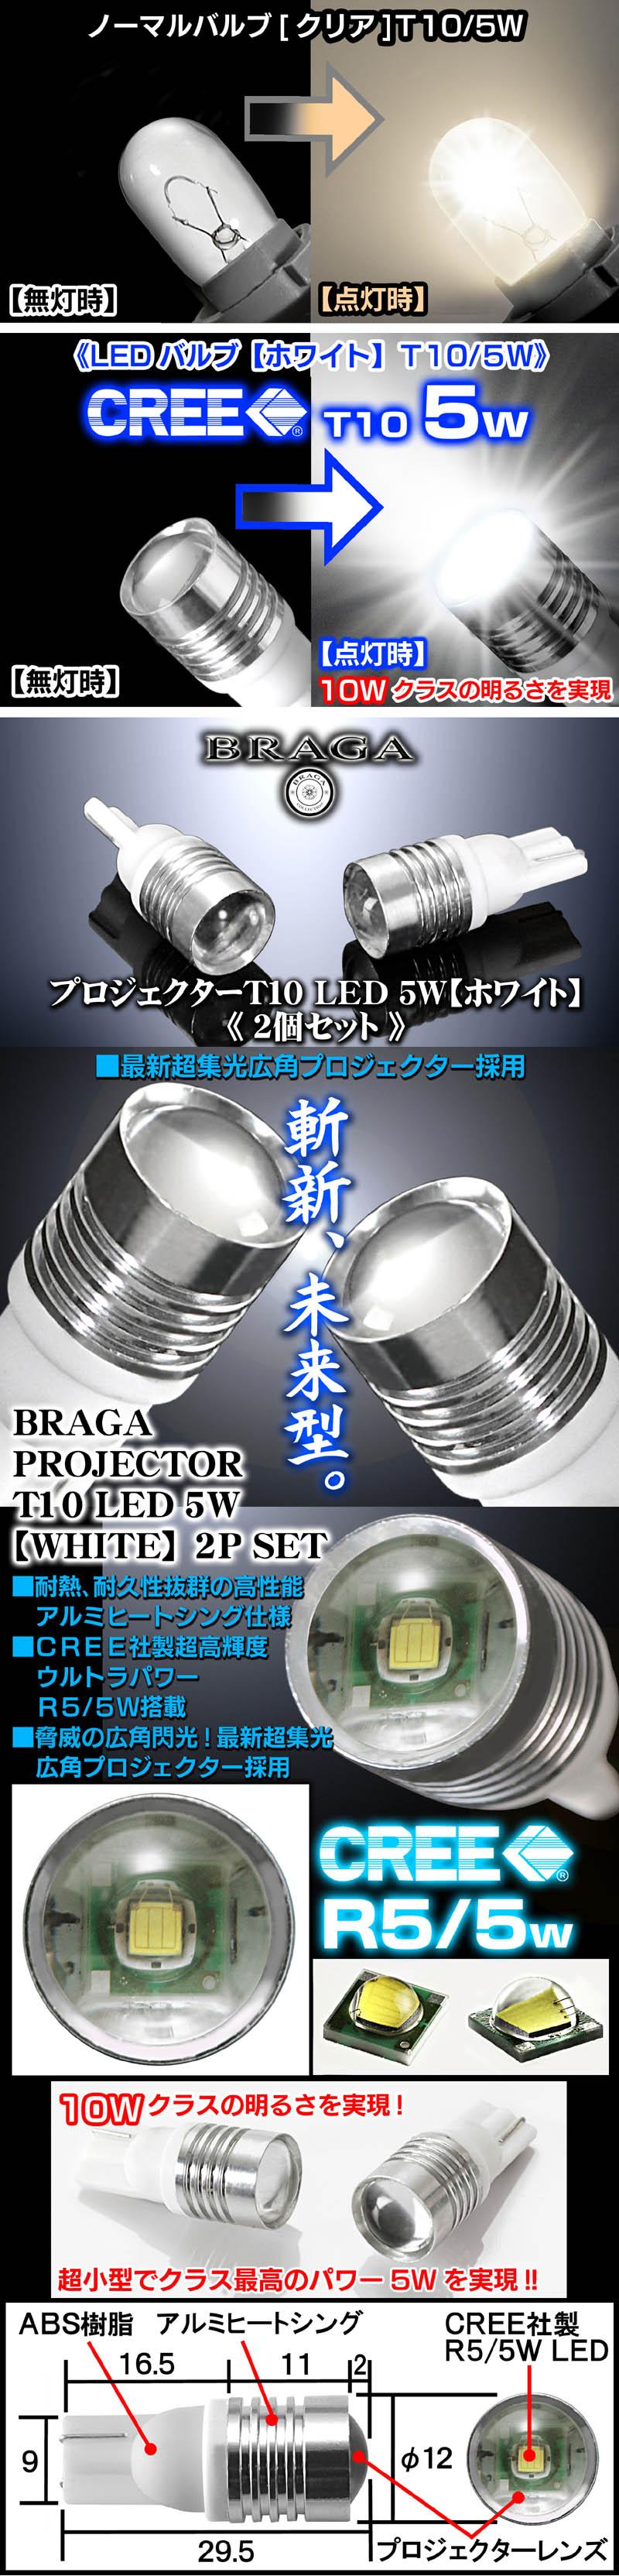 【T10/5W《ホワイト》CREE社製LEDプロジェクターバルブ/10Wクラスの光を実現!《2個セット》ブラガ】